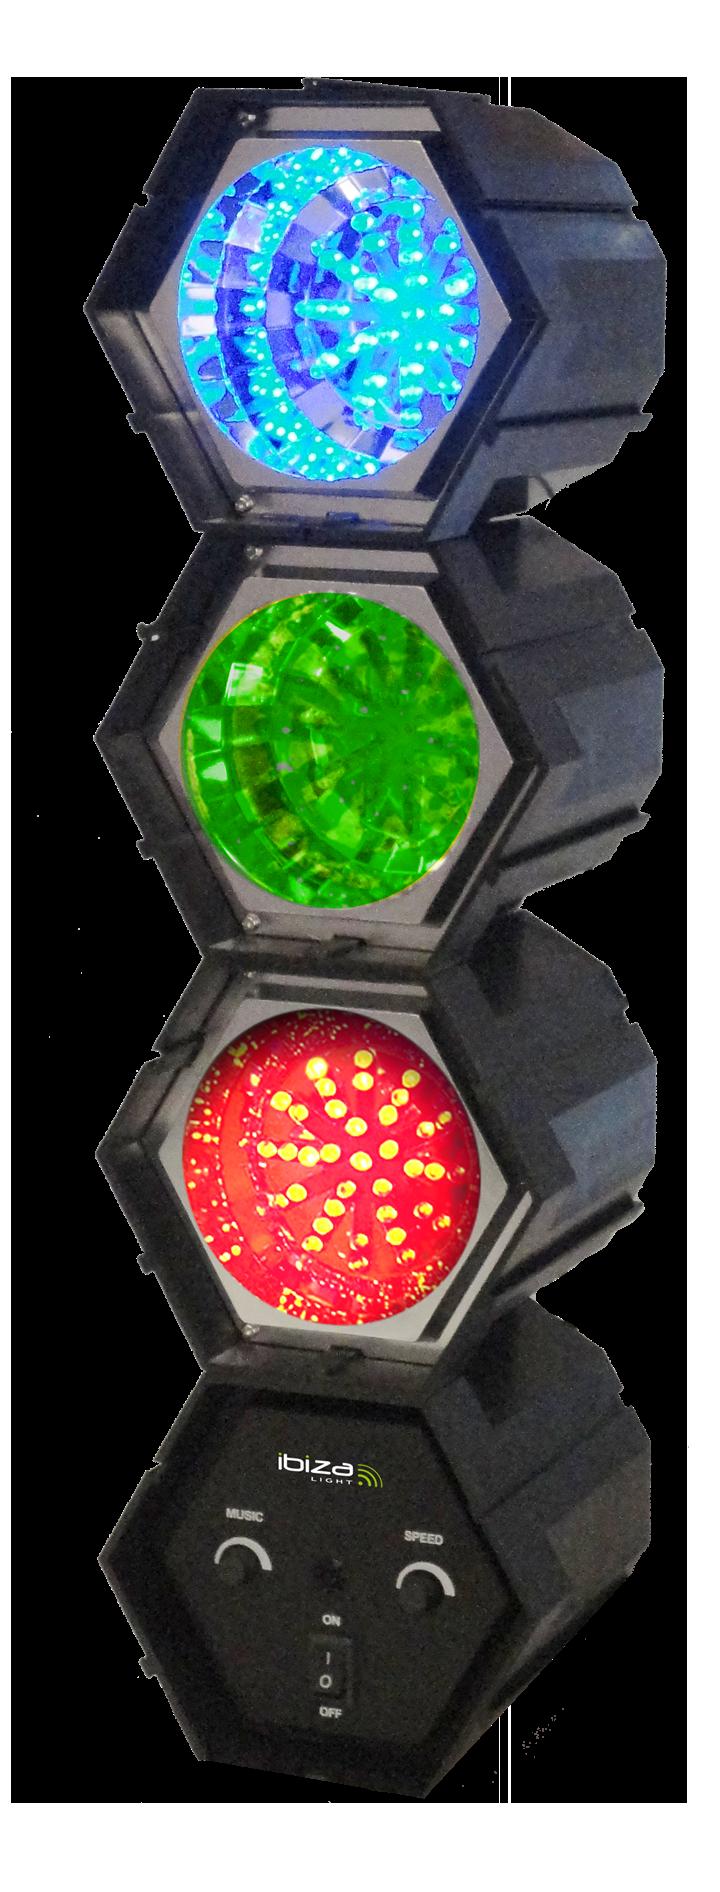 Billede af Ibiza 3-Pod LED lyseffekt